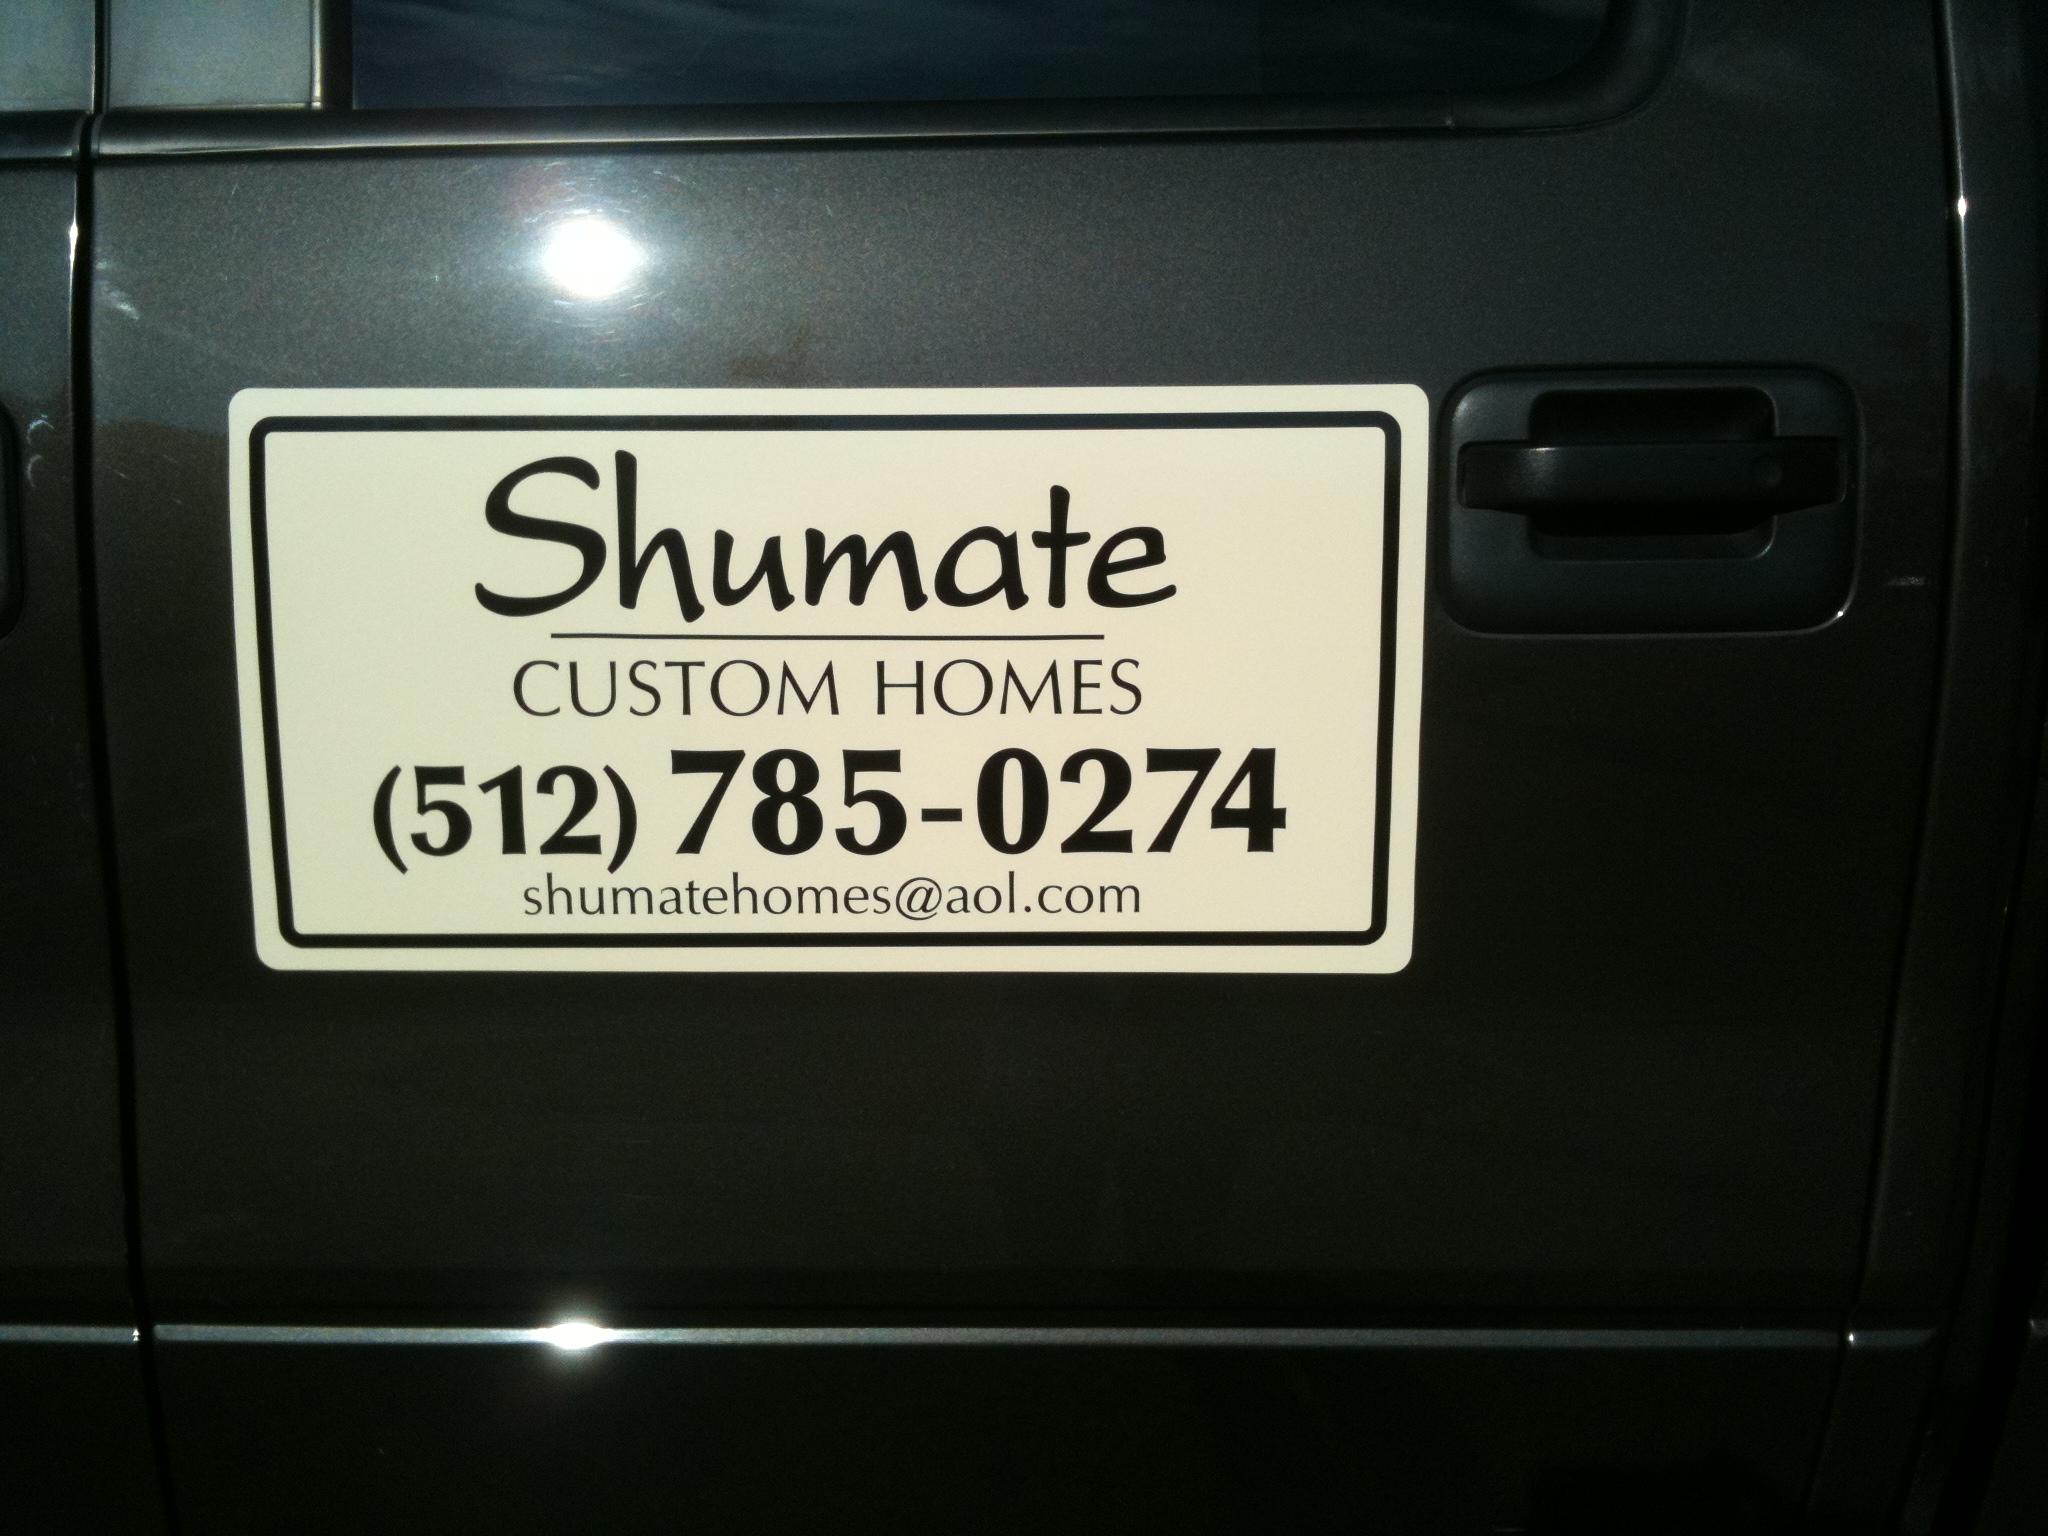 Shumate - lk23709.JPG